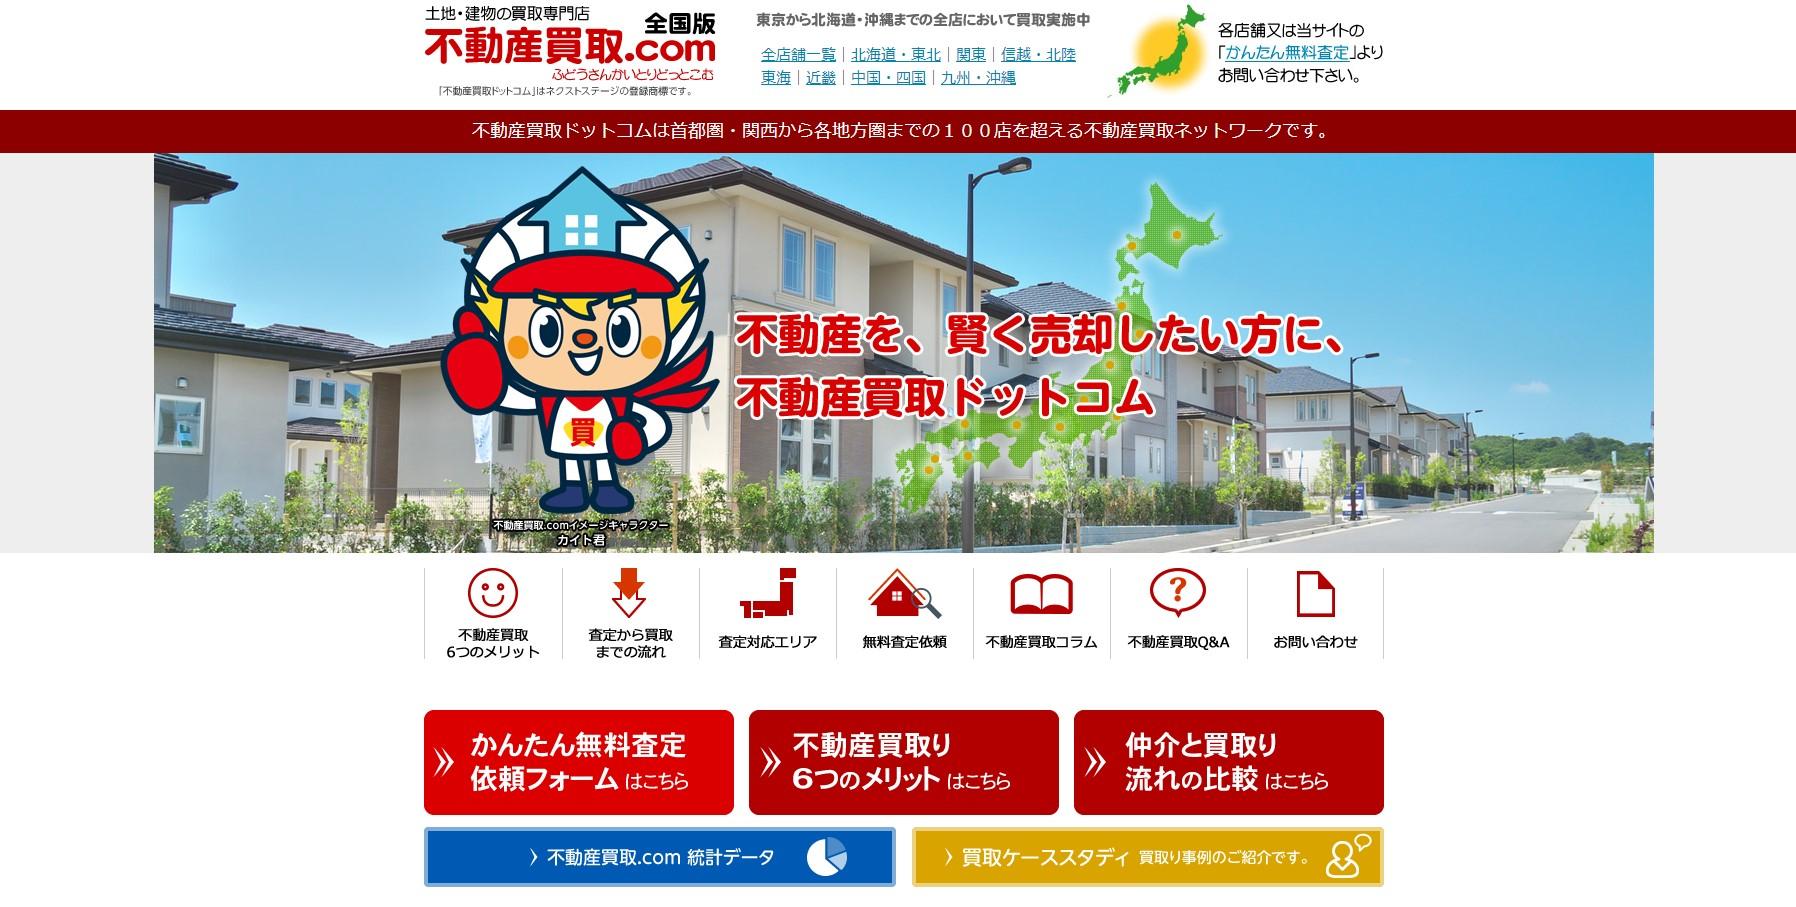 不動産買取.comトップページ